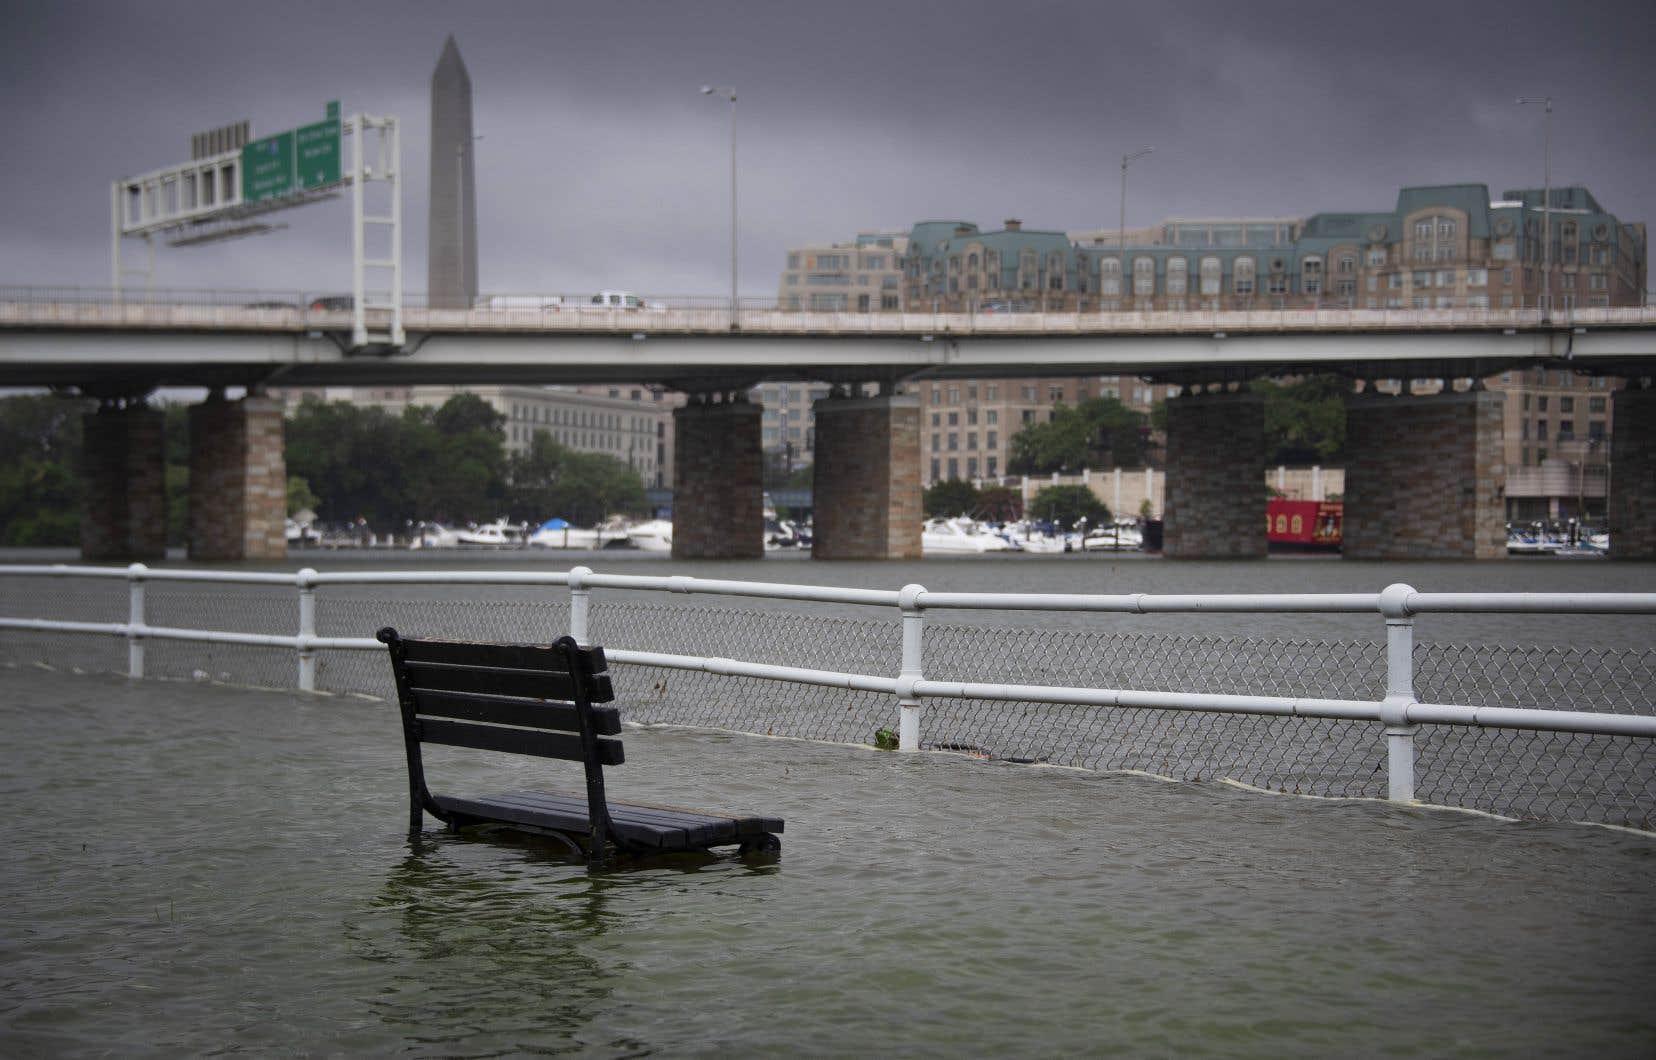 Des routes ont été inondées, plusieurs artères de la ville coupées et des perturbations ont affecté les transports à Washington.